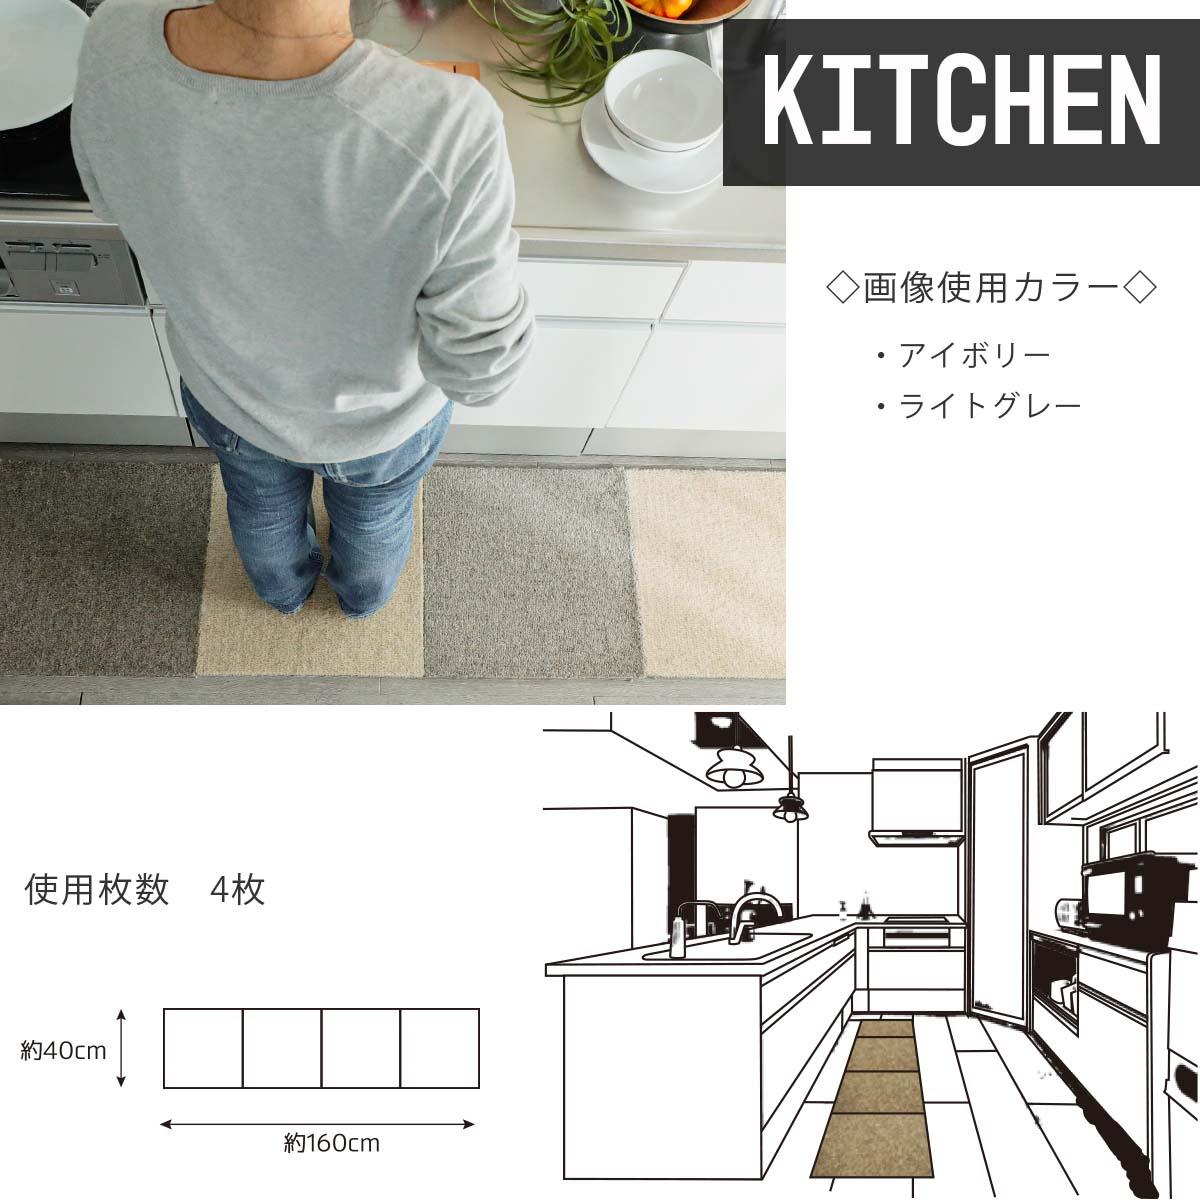 キッチンでの使い方 エクサ